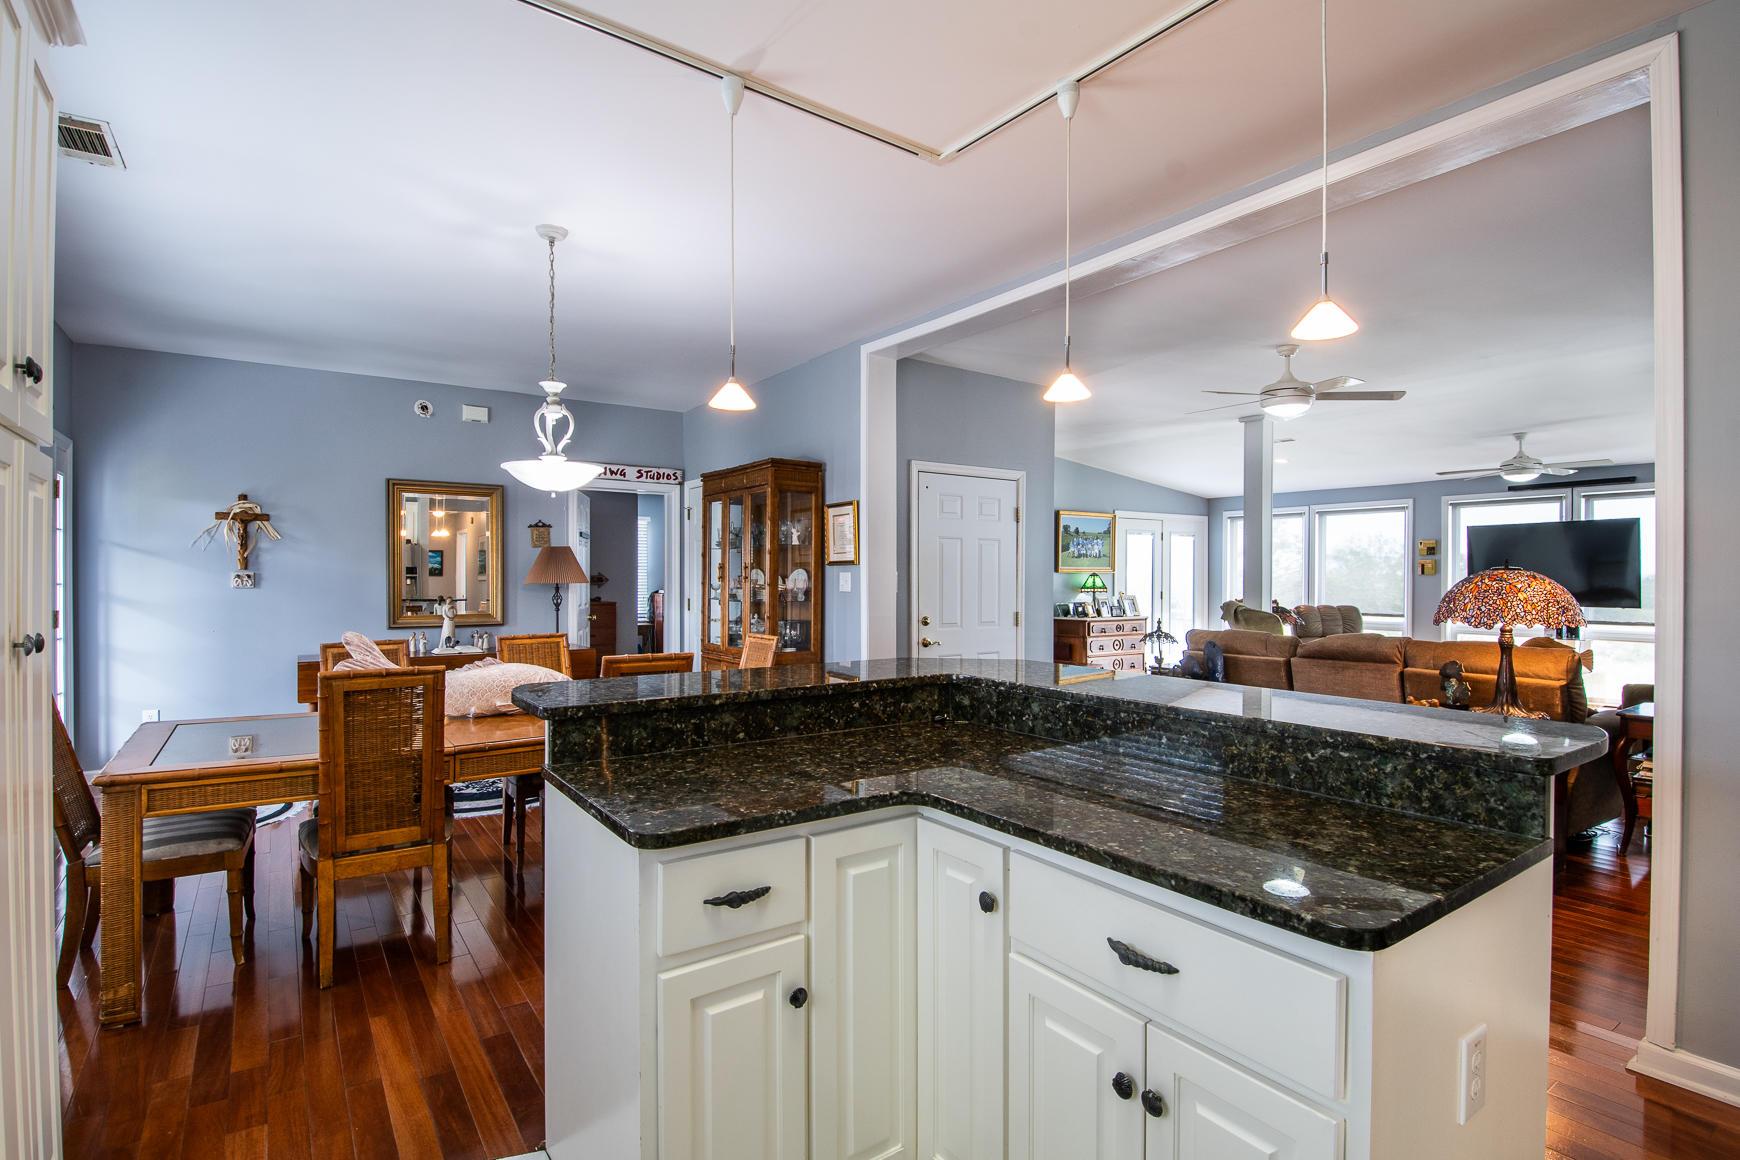 Copahee View Homes For Sale - 1464 Lieben, Mount Pleasant, SC - 8